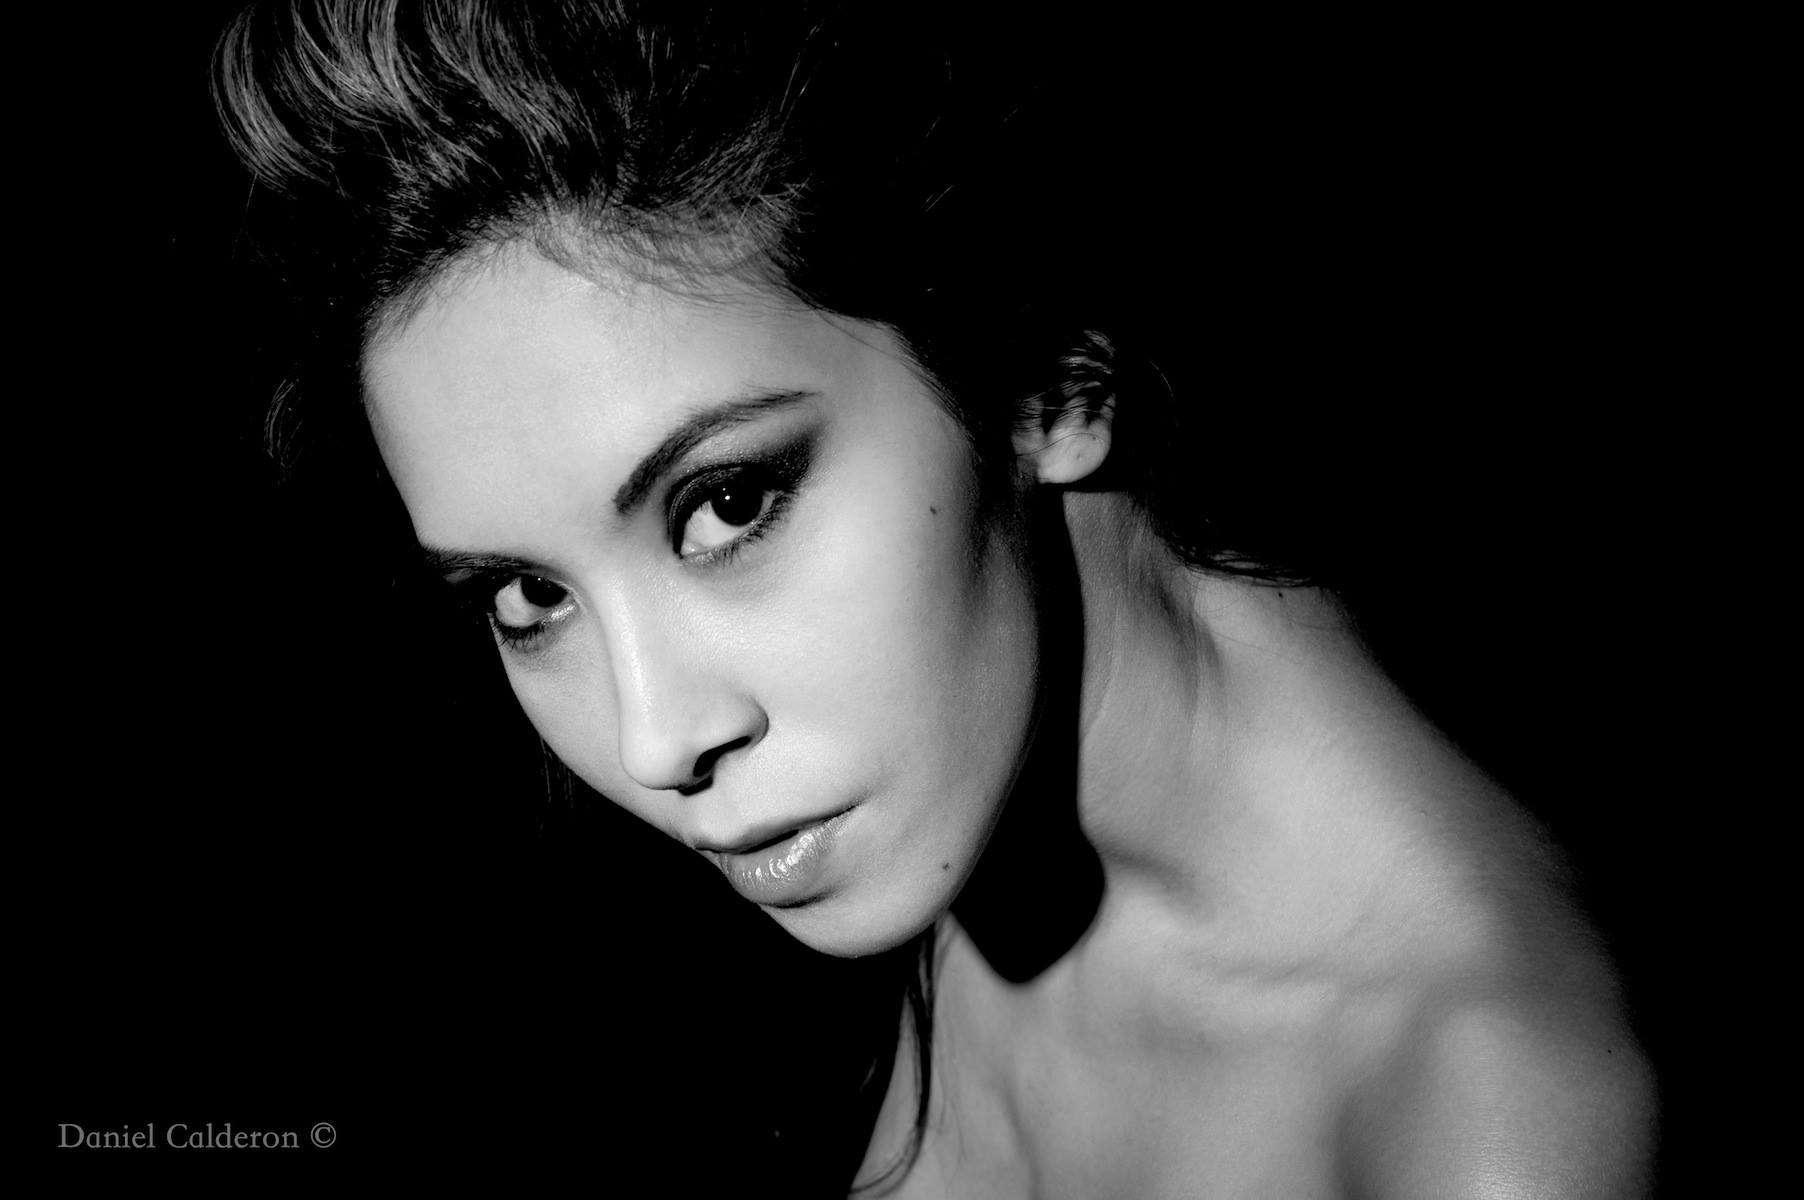 jenny suv femme genève modèle mannequin suisse maquilleuse danseuse portrait noir blanc